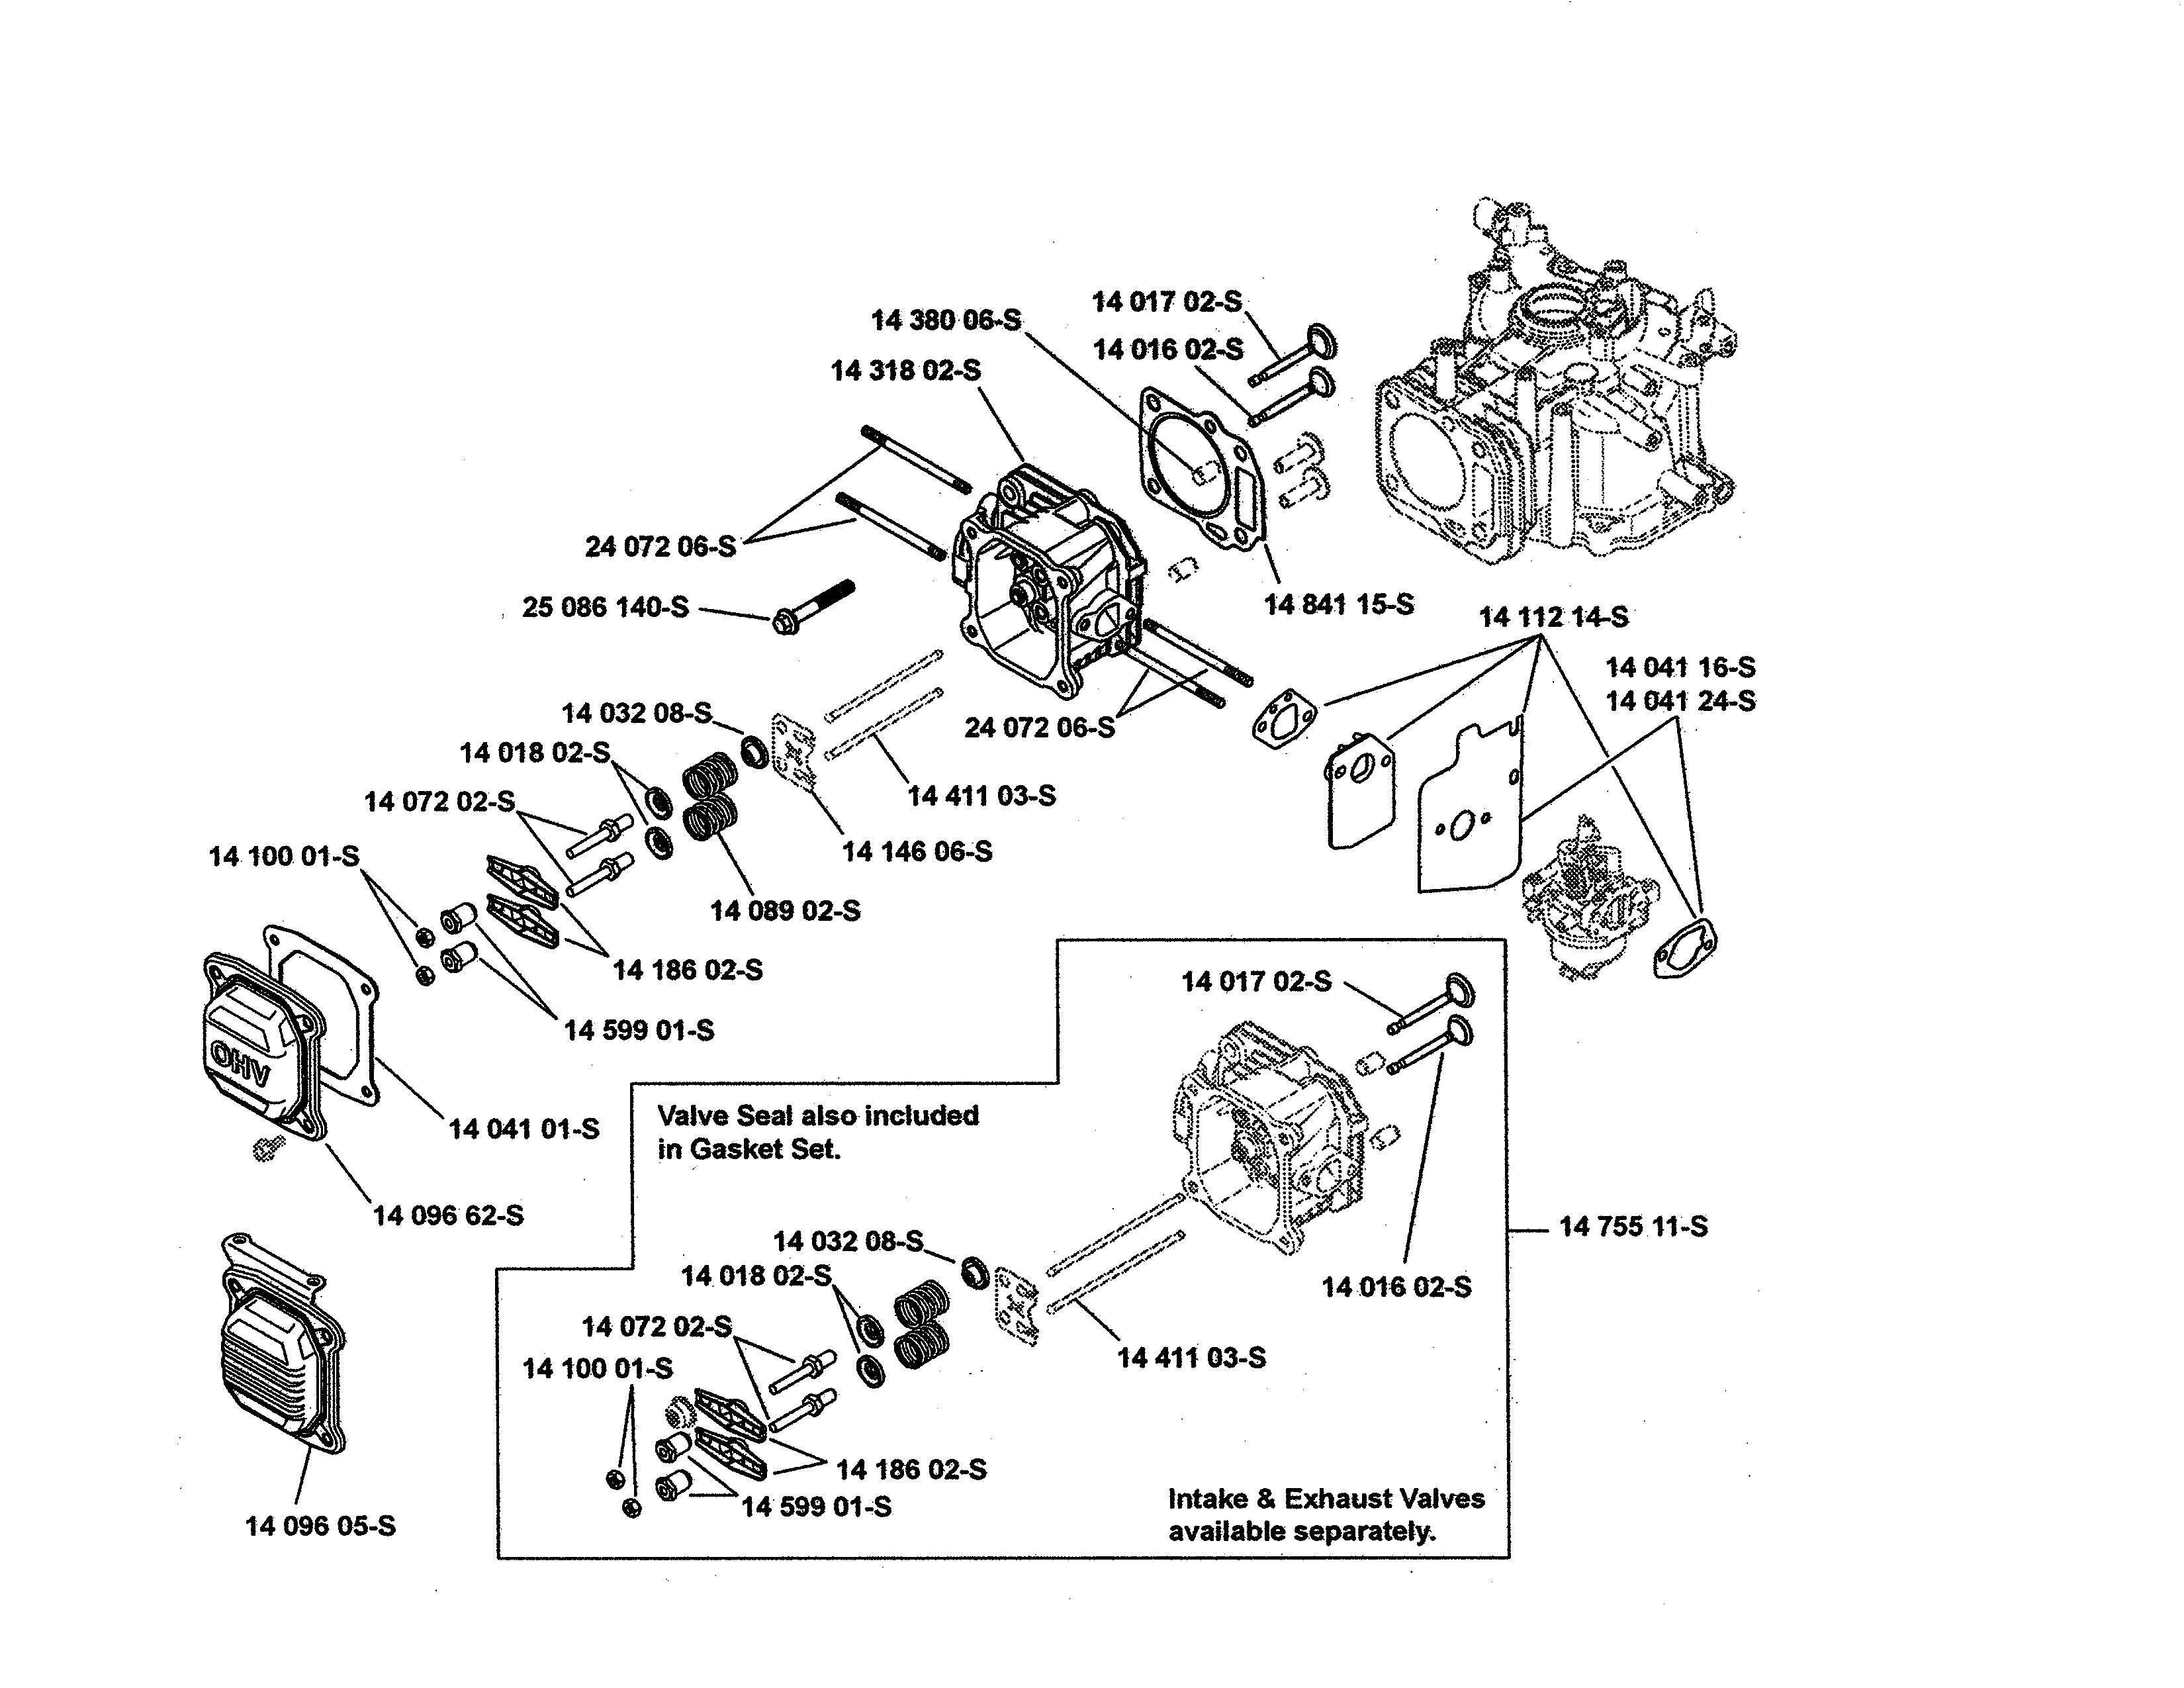 Kohler model XT149-0217-ED engine genuine parts